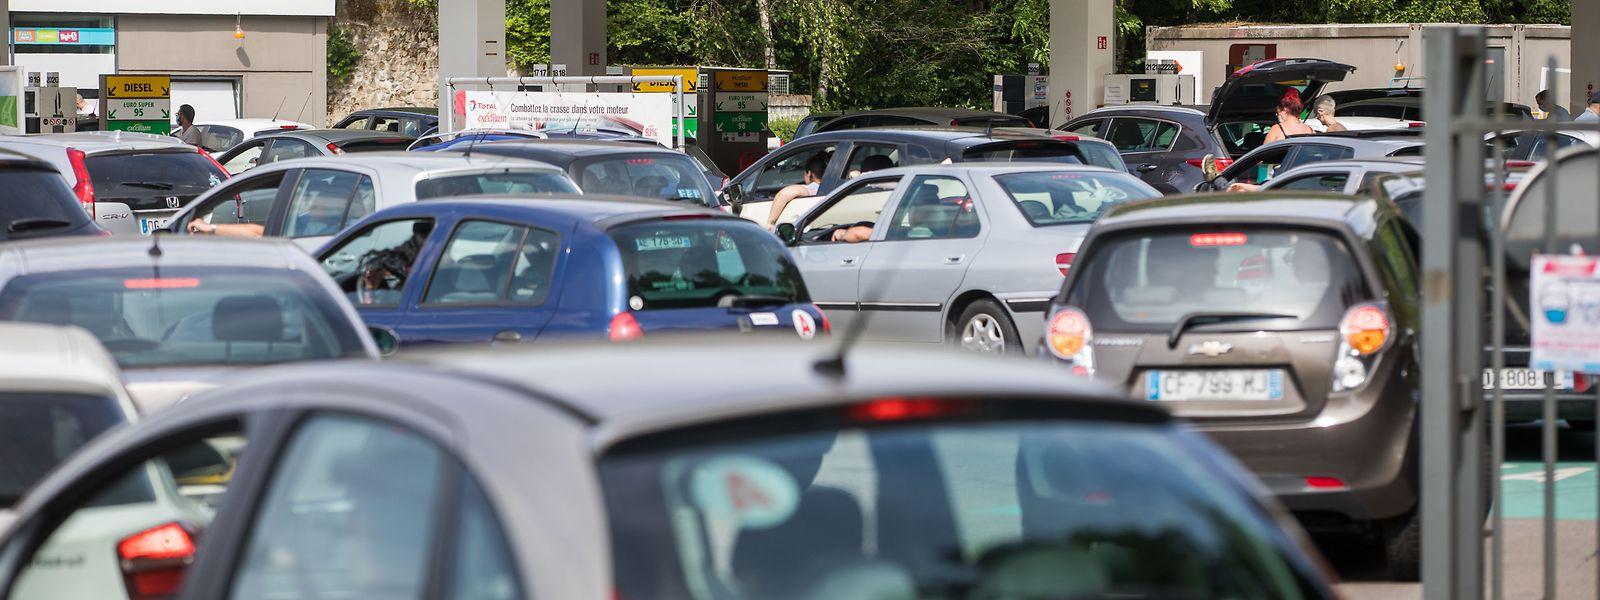 Foto vom 15. Juni aus Düdelingen: Nach dem Ende der Ausgangsbeschränkungen stürmten französische Autofahrer die Tankstellen in Luxemburg.